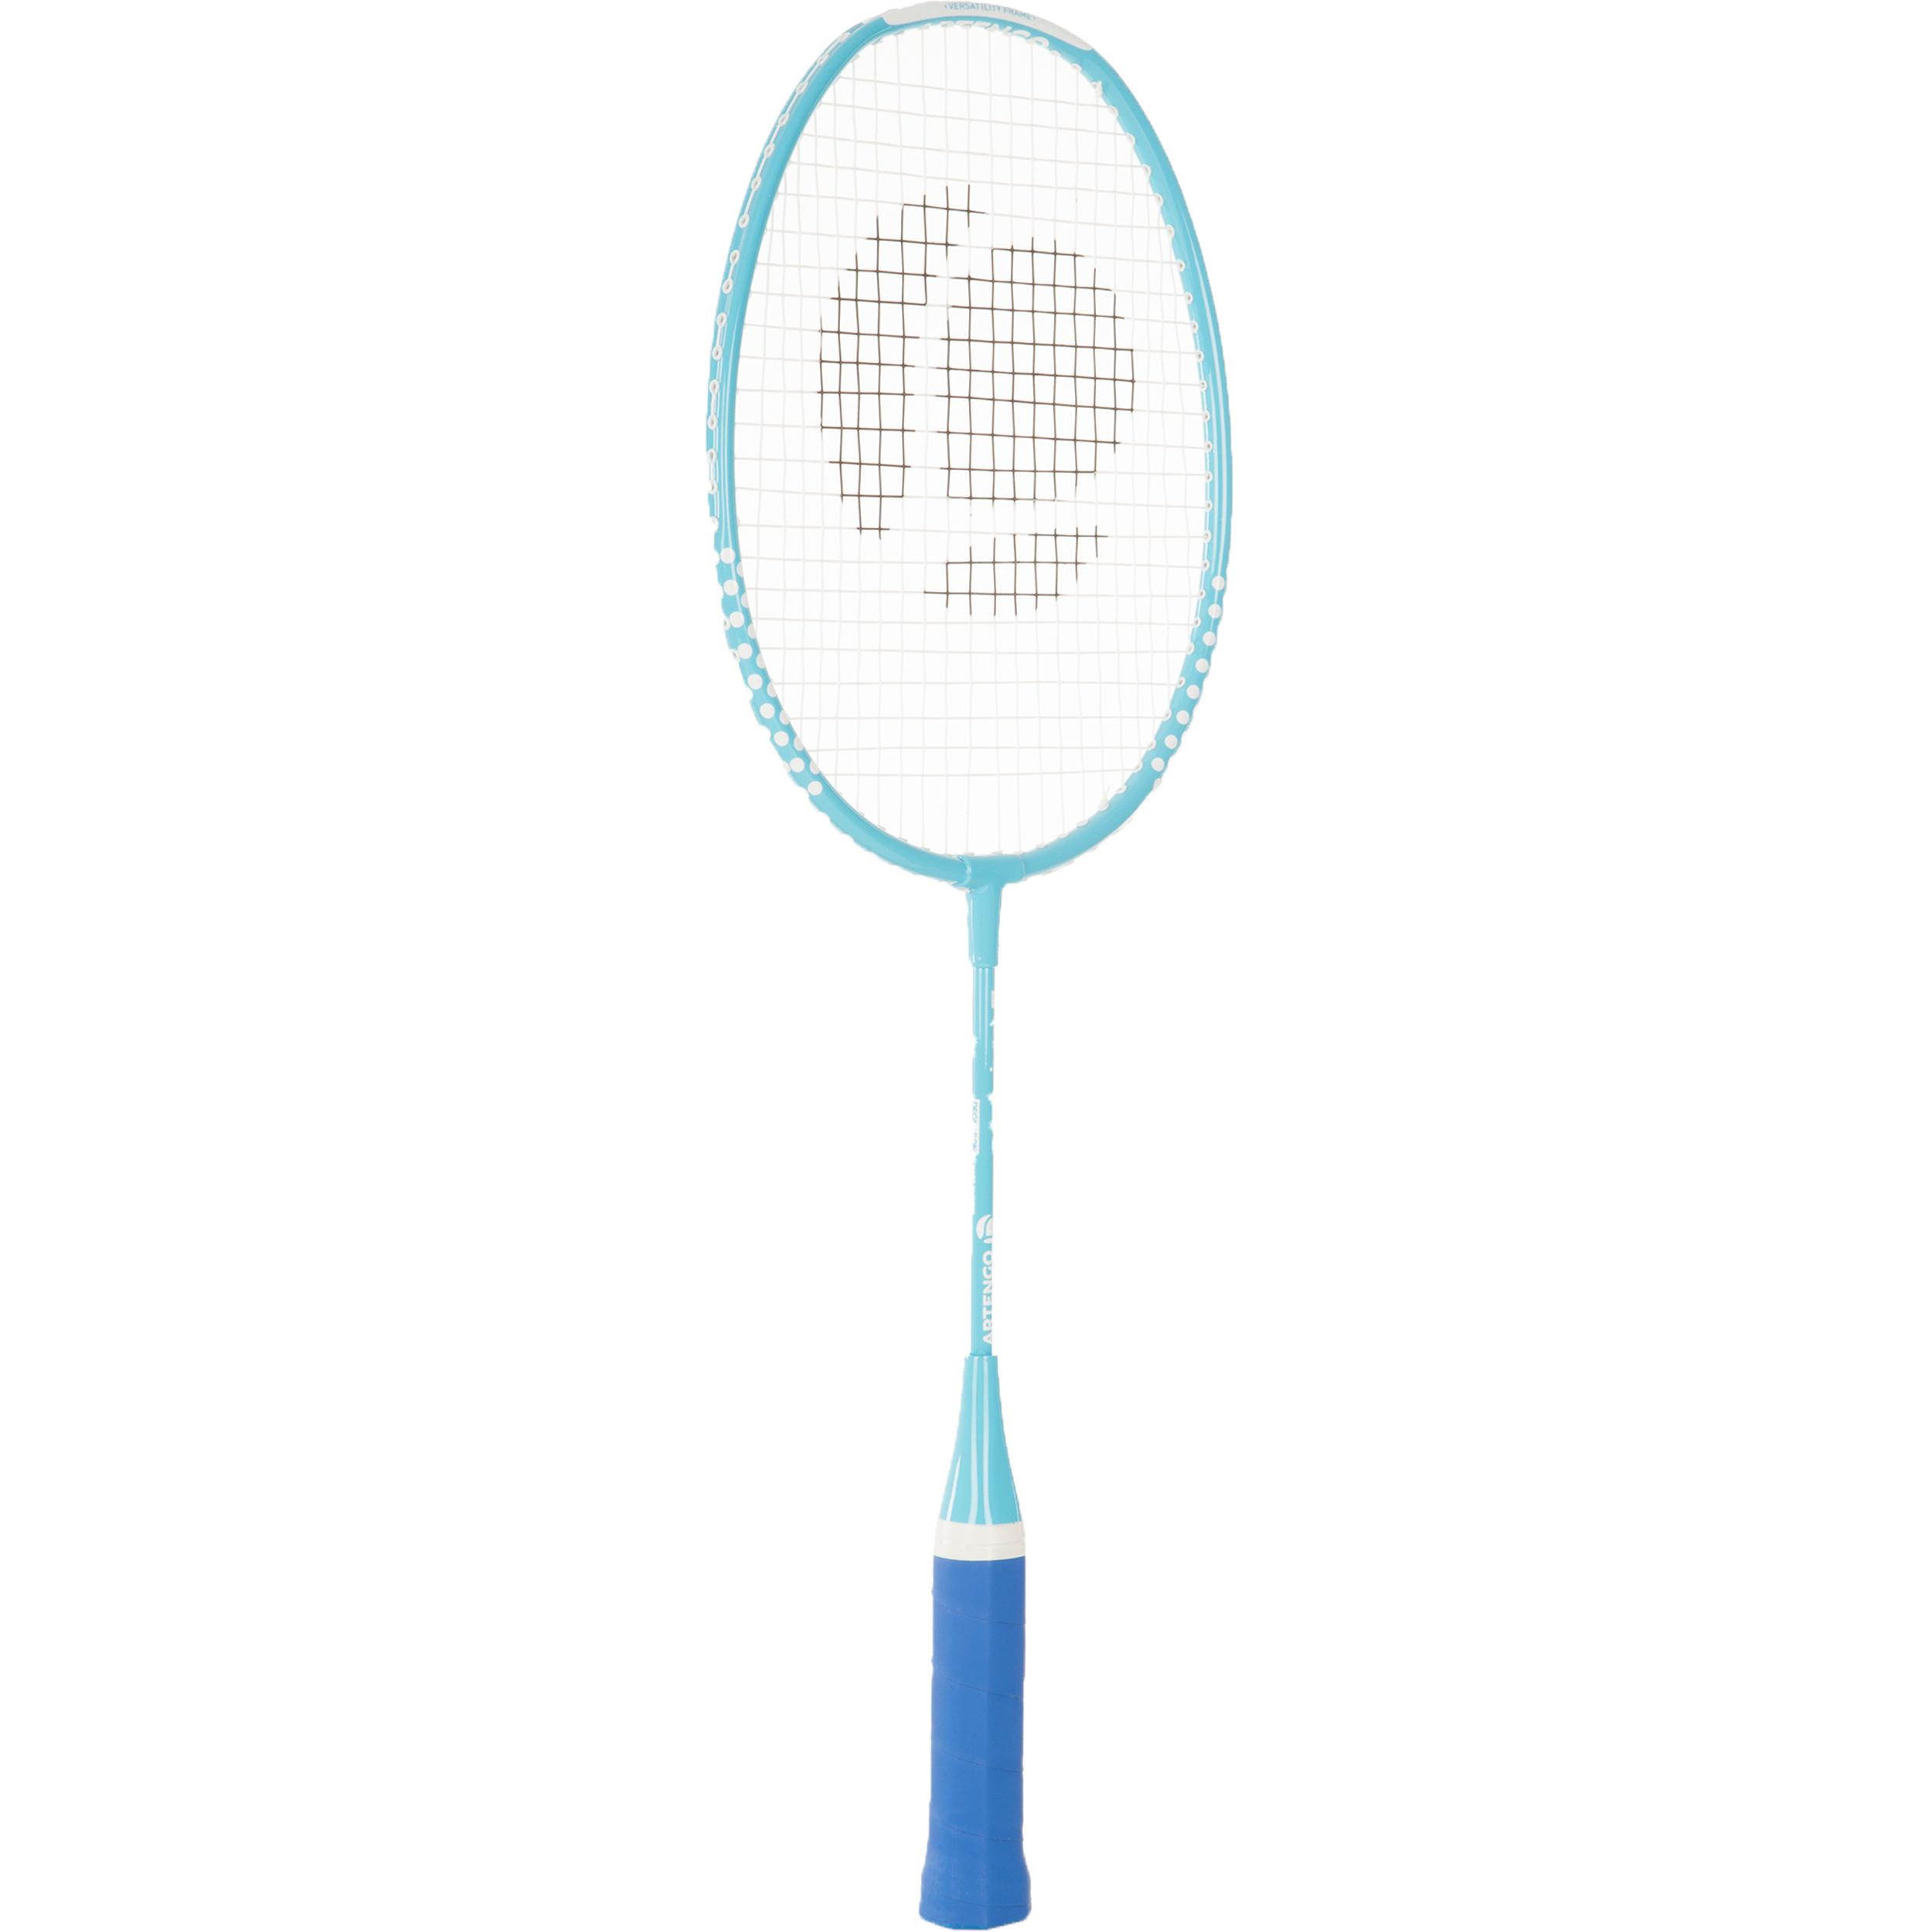 Badmintonracket kinderen BR700 blauw